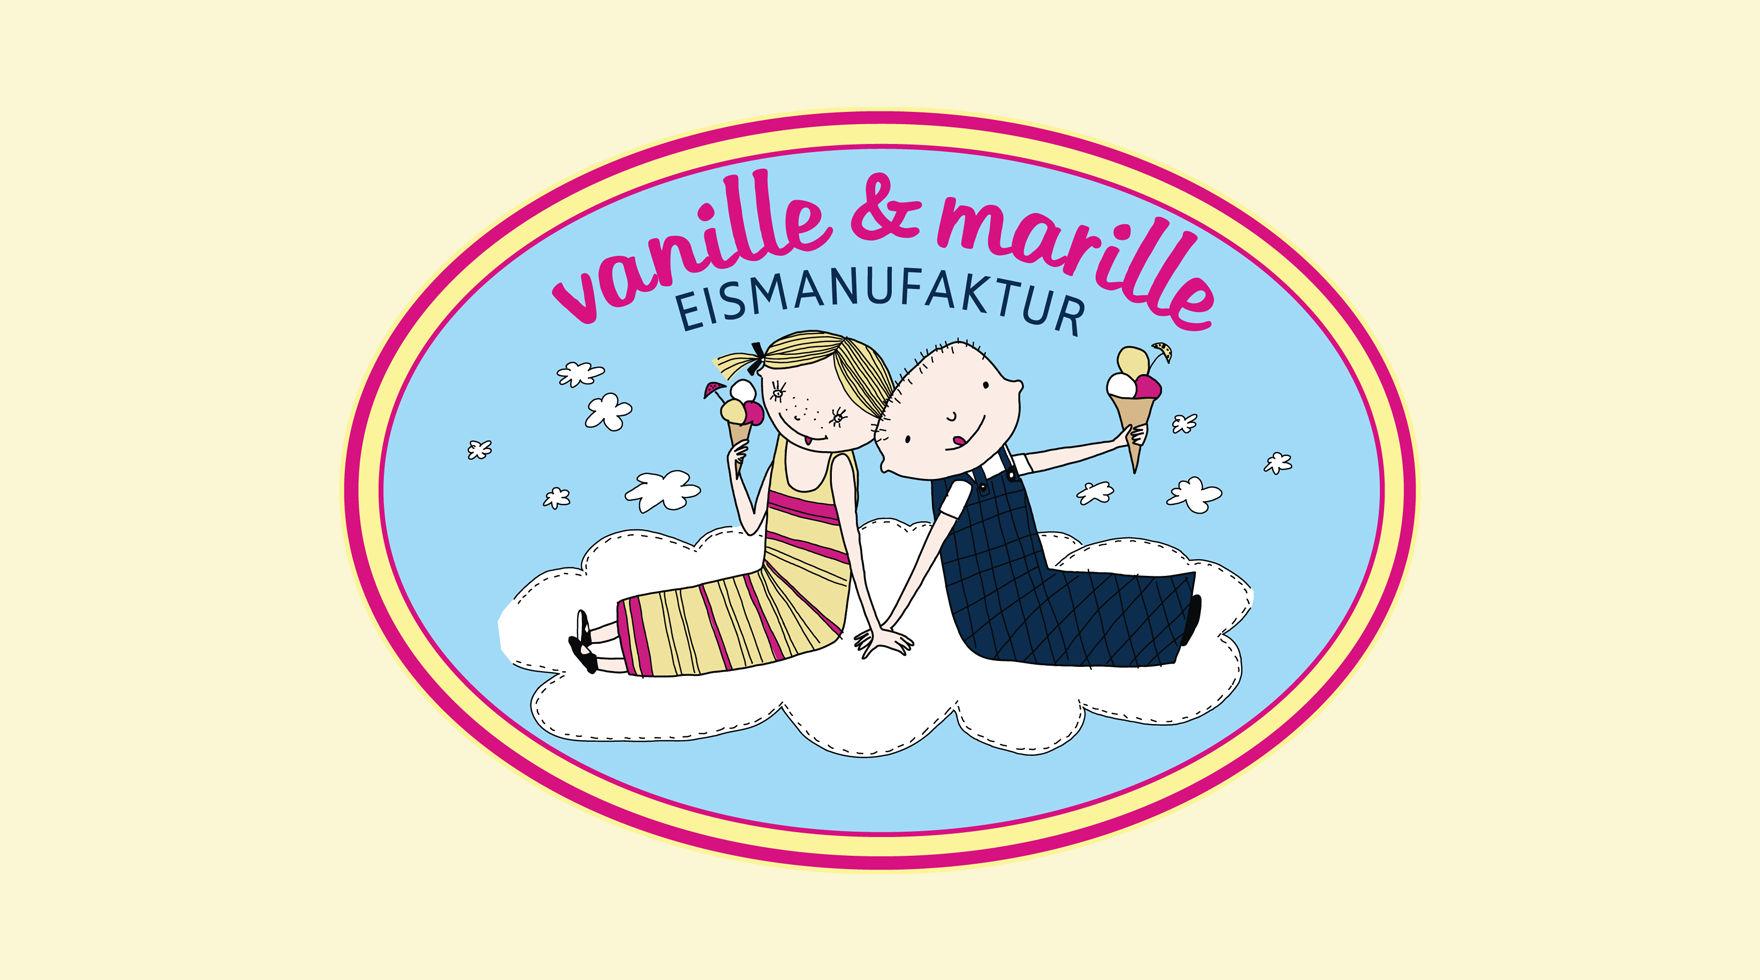 branding-vanille-marille-berlin-agentur